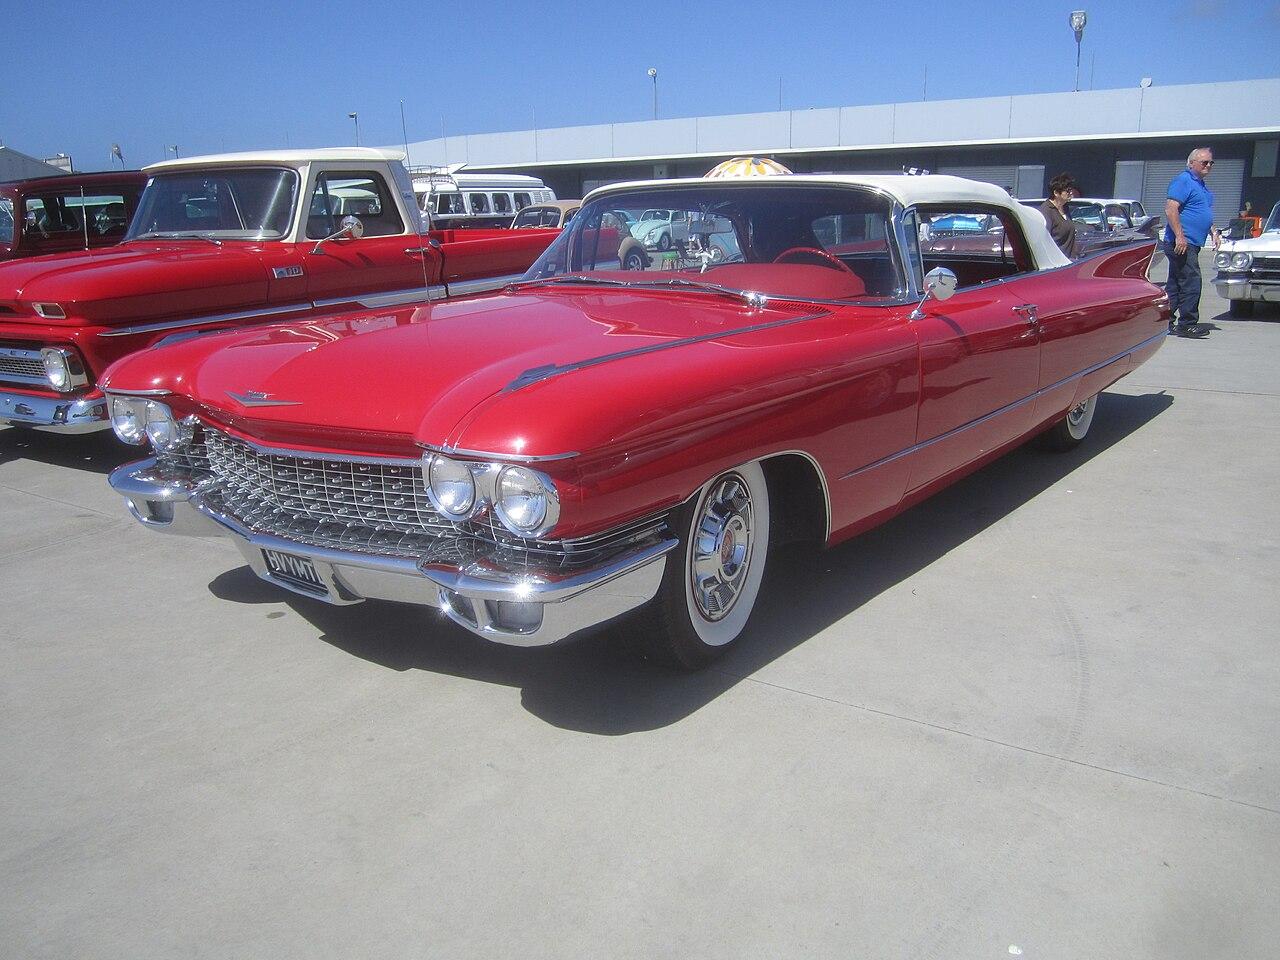 File:1960 Cadillac Series 6200 Convertible (8357629669).jpg ...